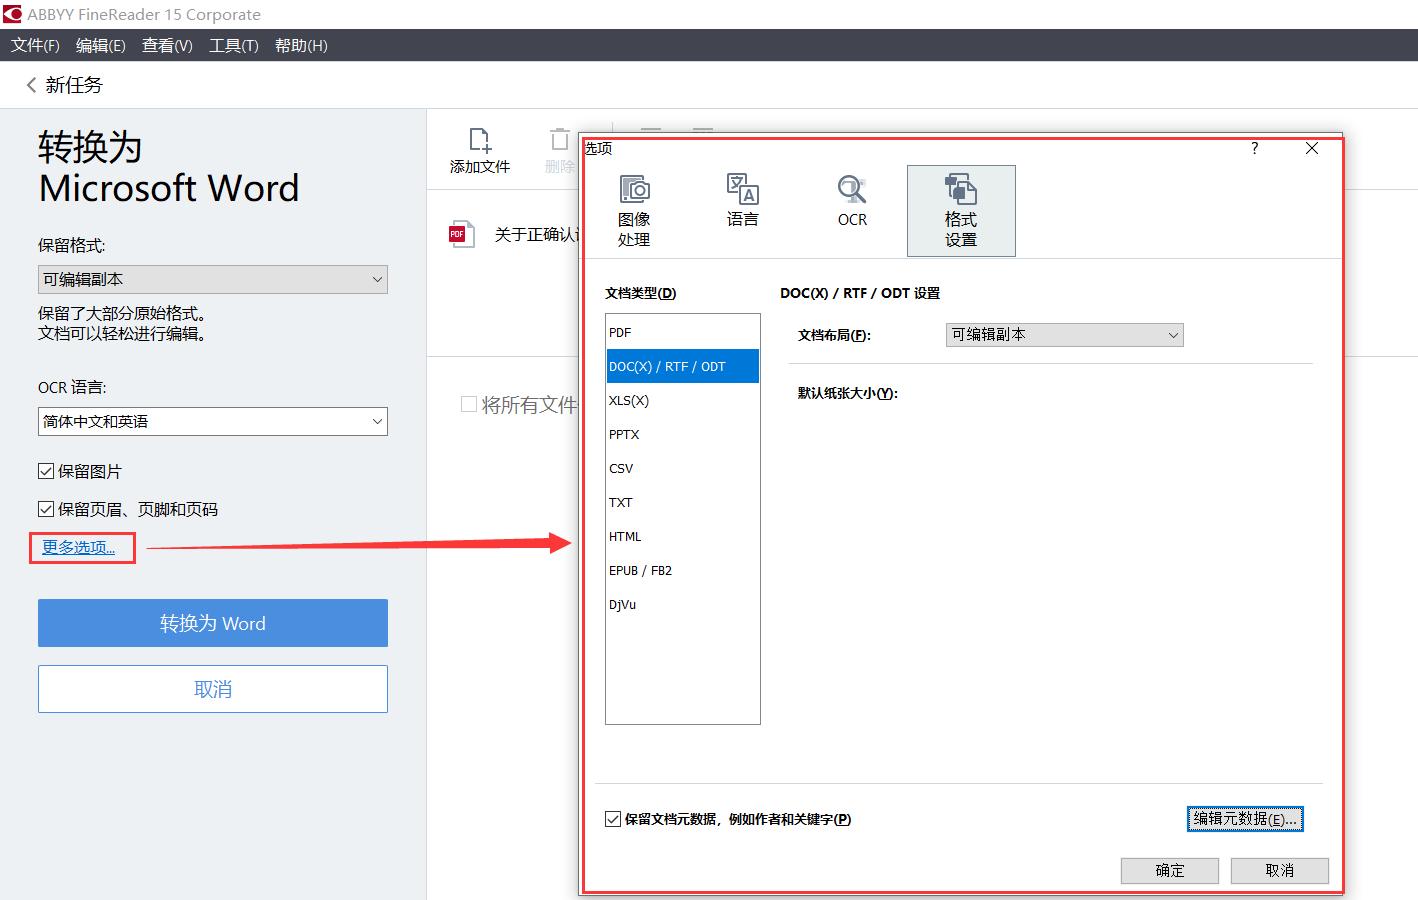 图三:使用ABBYYFinereader15对导出文档进行设置